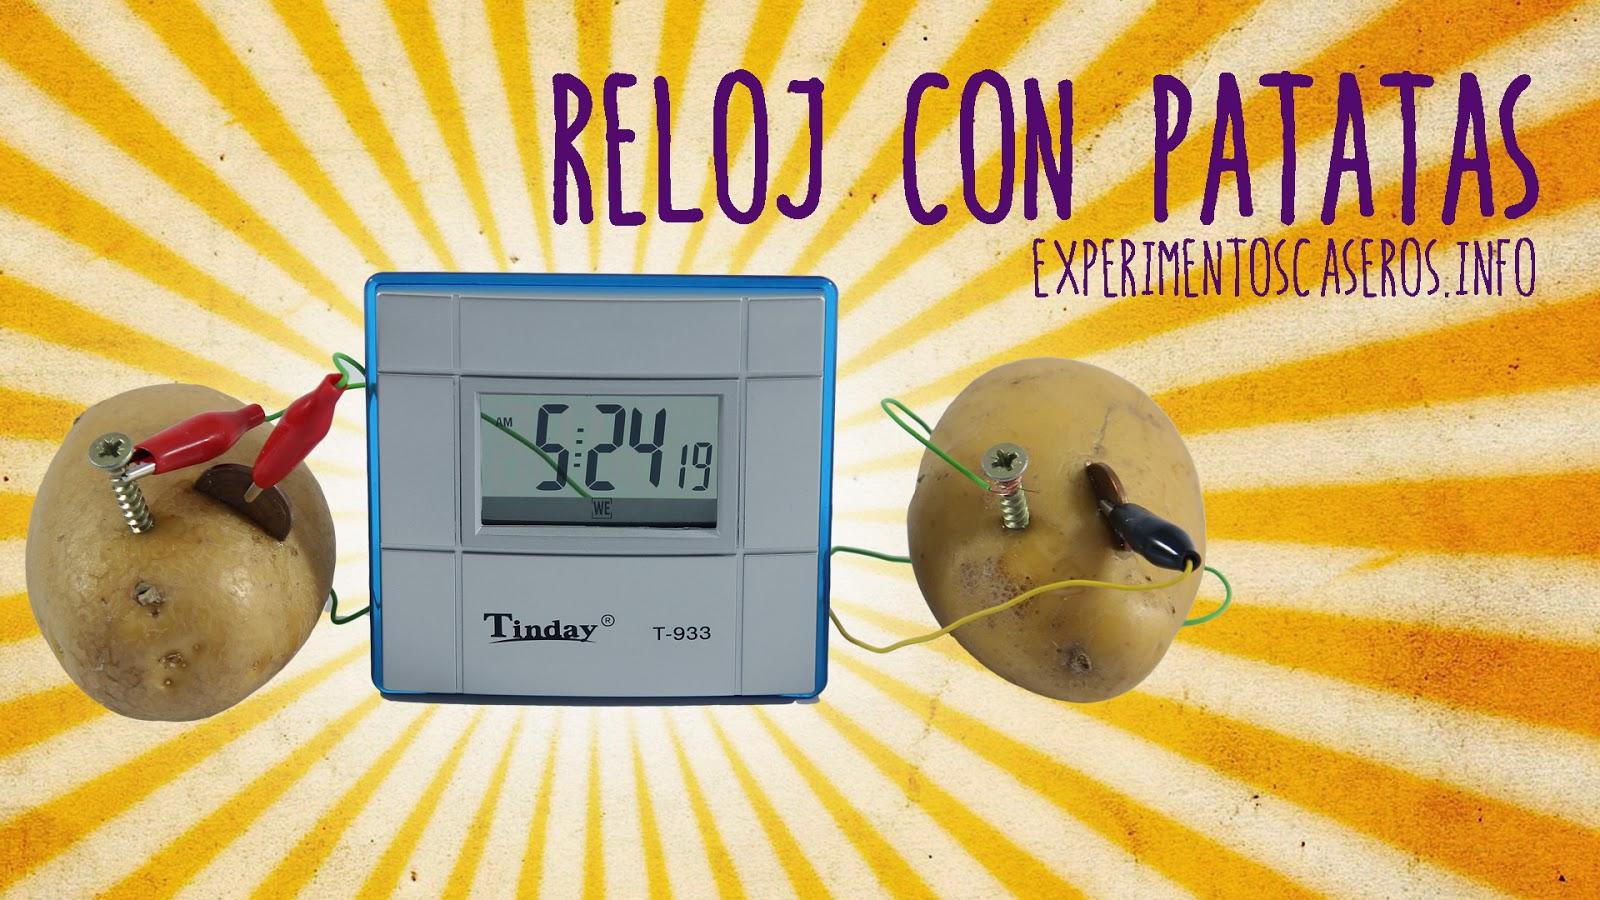 Reloj con patatas, reloj de patata, reloj que funciona con patatas, batería con frutas, reacción redox, oxidación reducción, explicación científica, ciencia, ciencia en casa, ciencia fácil, ciencia casera, experimentos caseros, experimentos sencillos, experimentos fáciles, experimentos para niños, experimentos caseros para niños, feria de ciencias